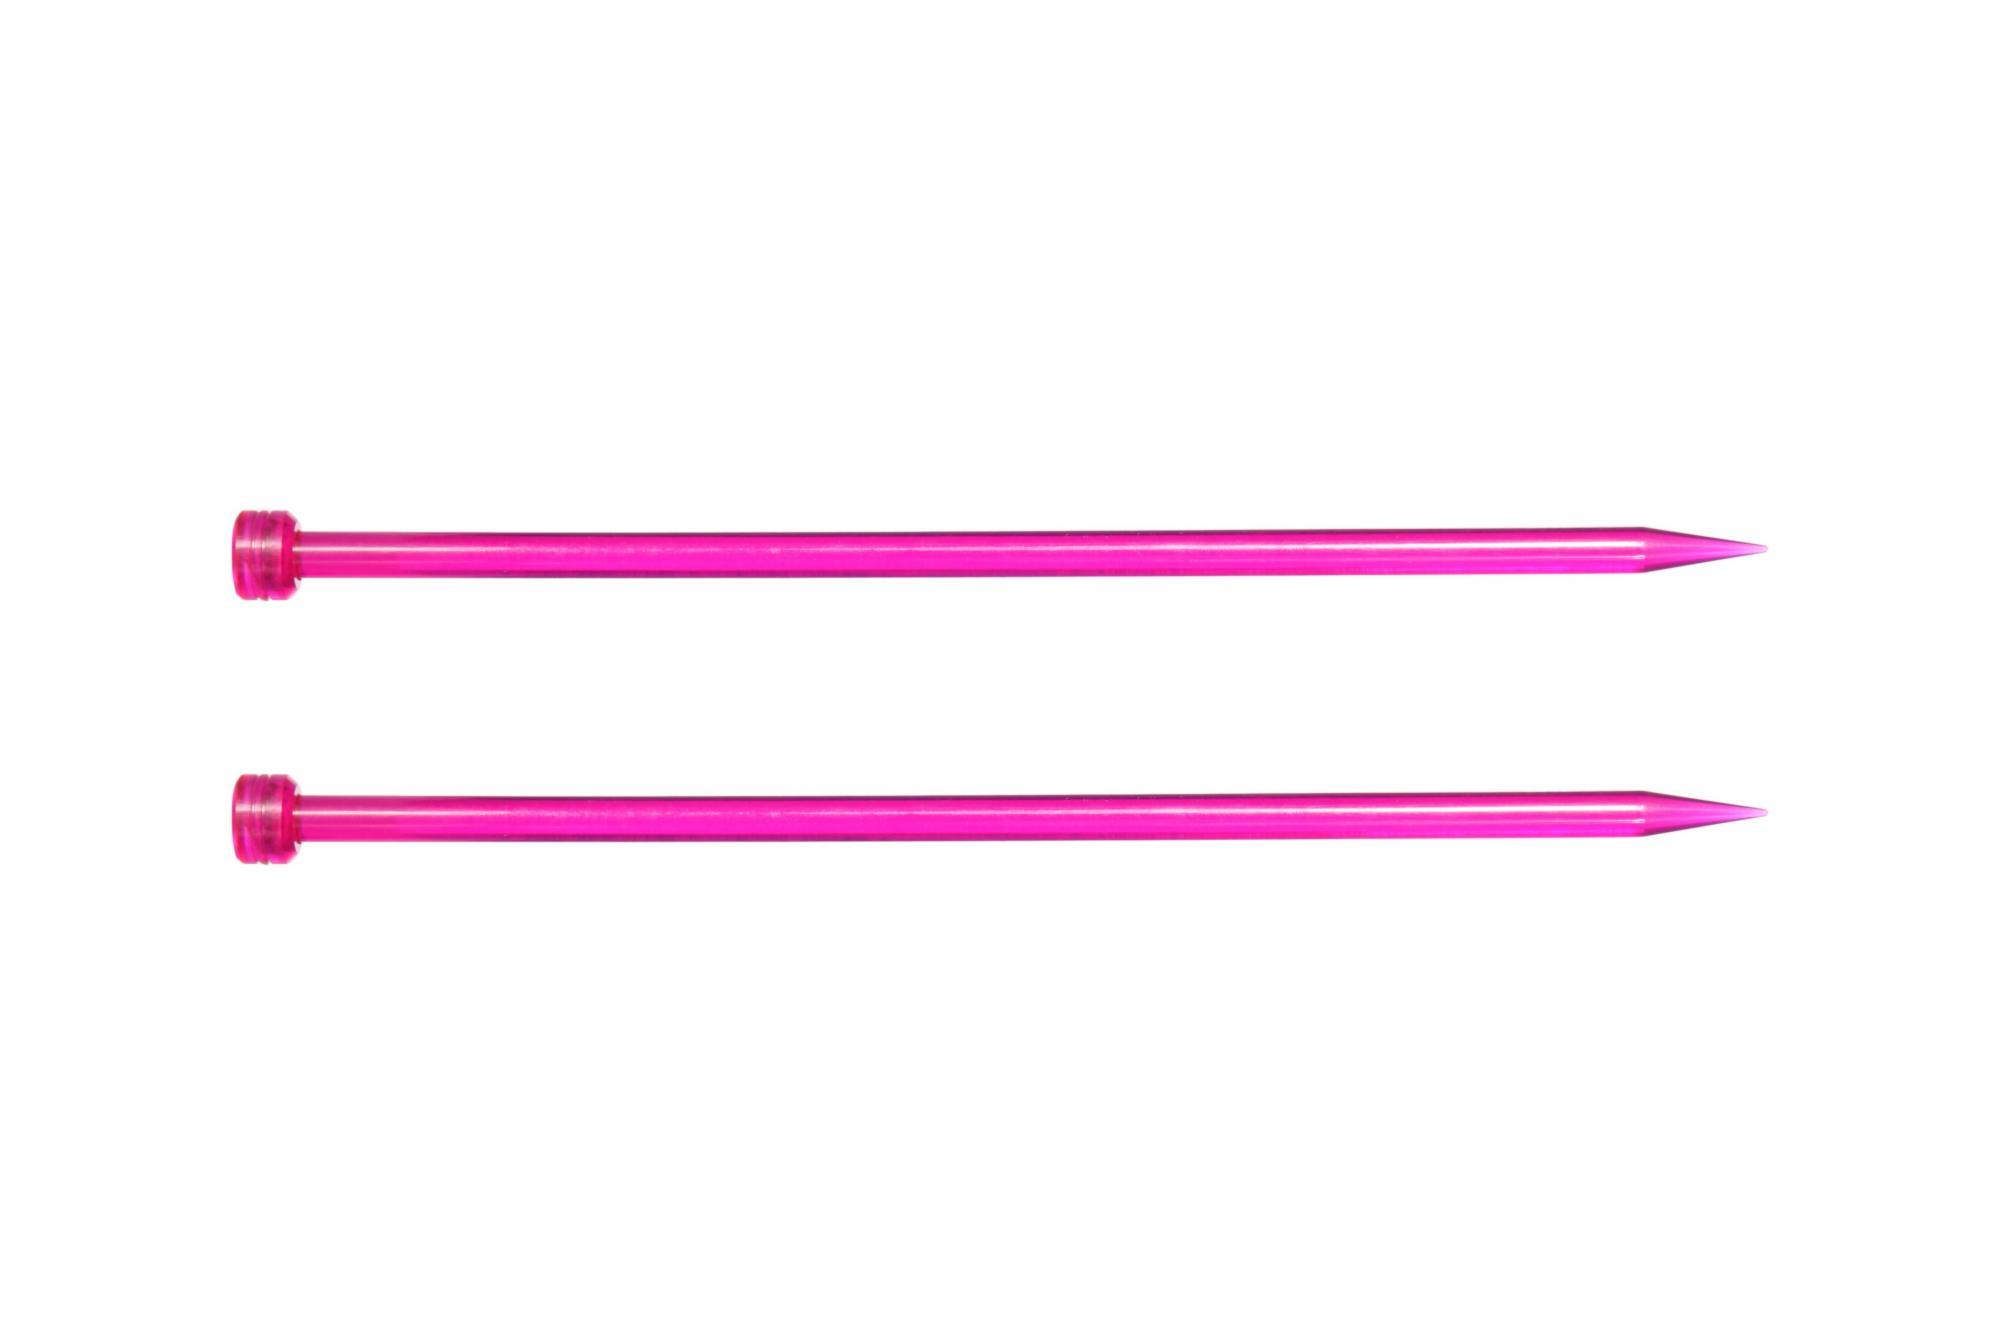 Спицы прямые 25 см Trendz KnitPro, 51178, 8.00 мм